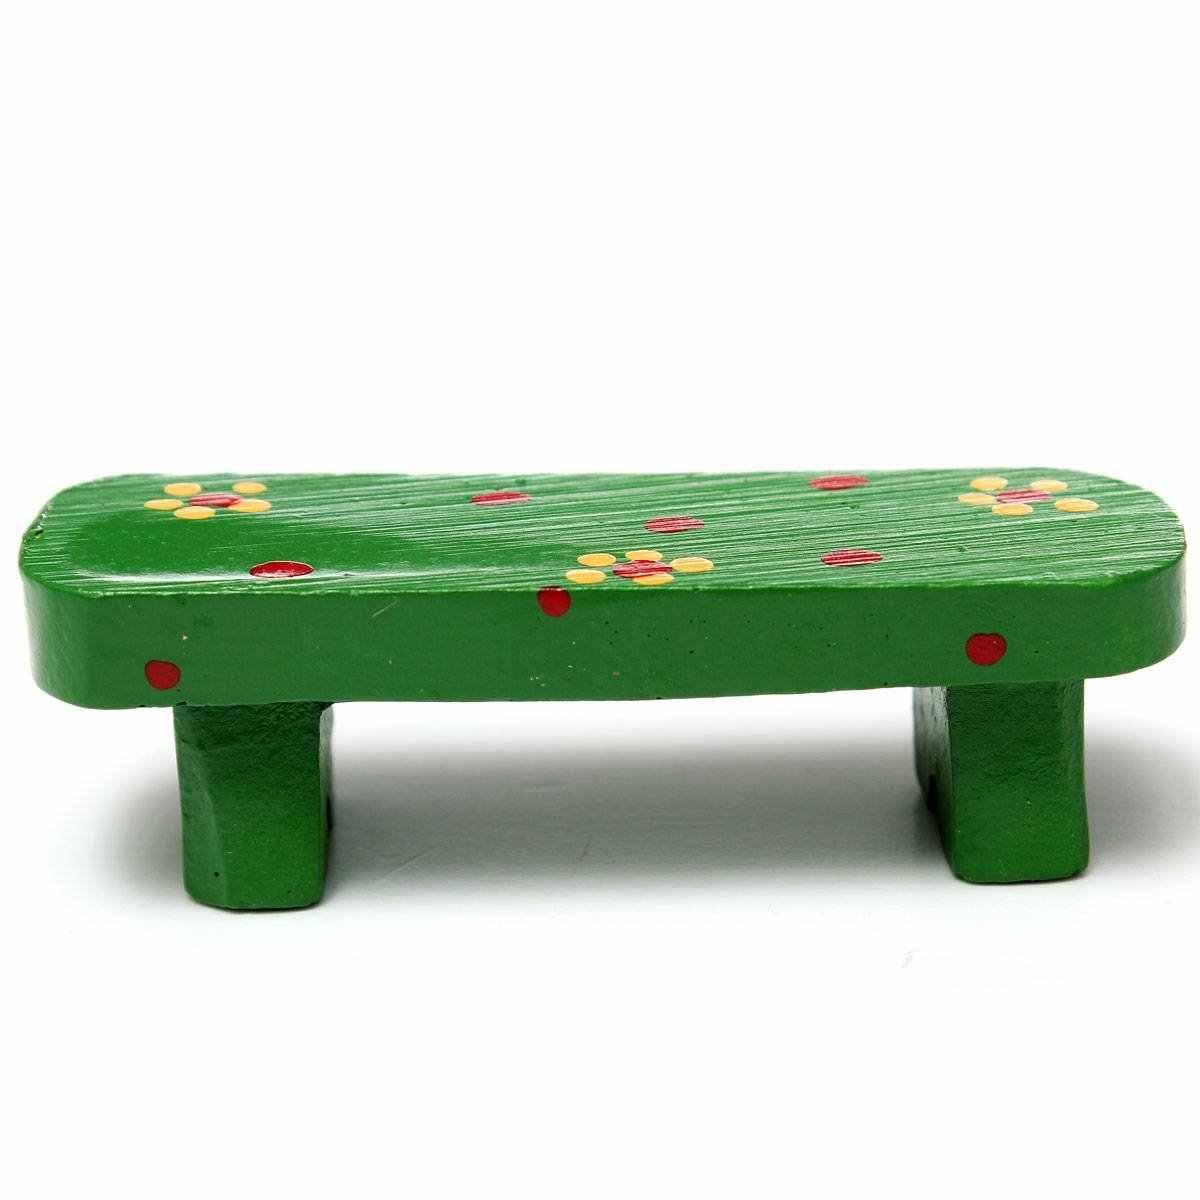 Миниатюрный Cute Bench мини-пейзаж кукольный завод DIY Craft домашний садовый декор, орнамент зеленый